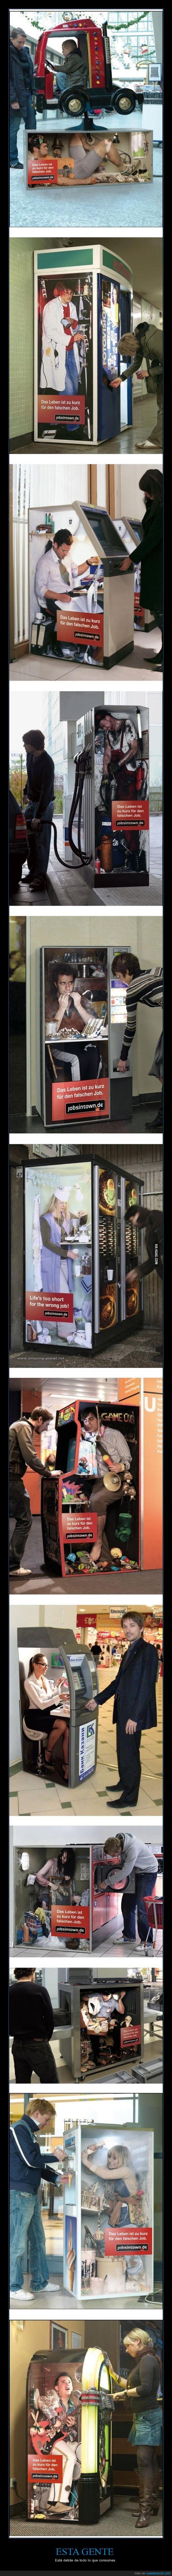 buscar,consumo,empleo,foto,maquina,pagina,promocion,trabajador,trabajo,vida